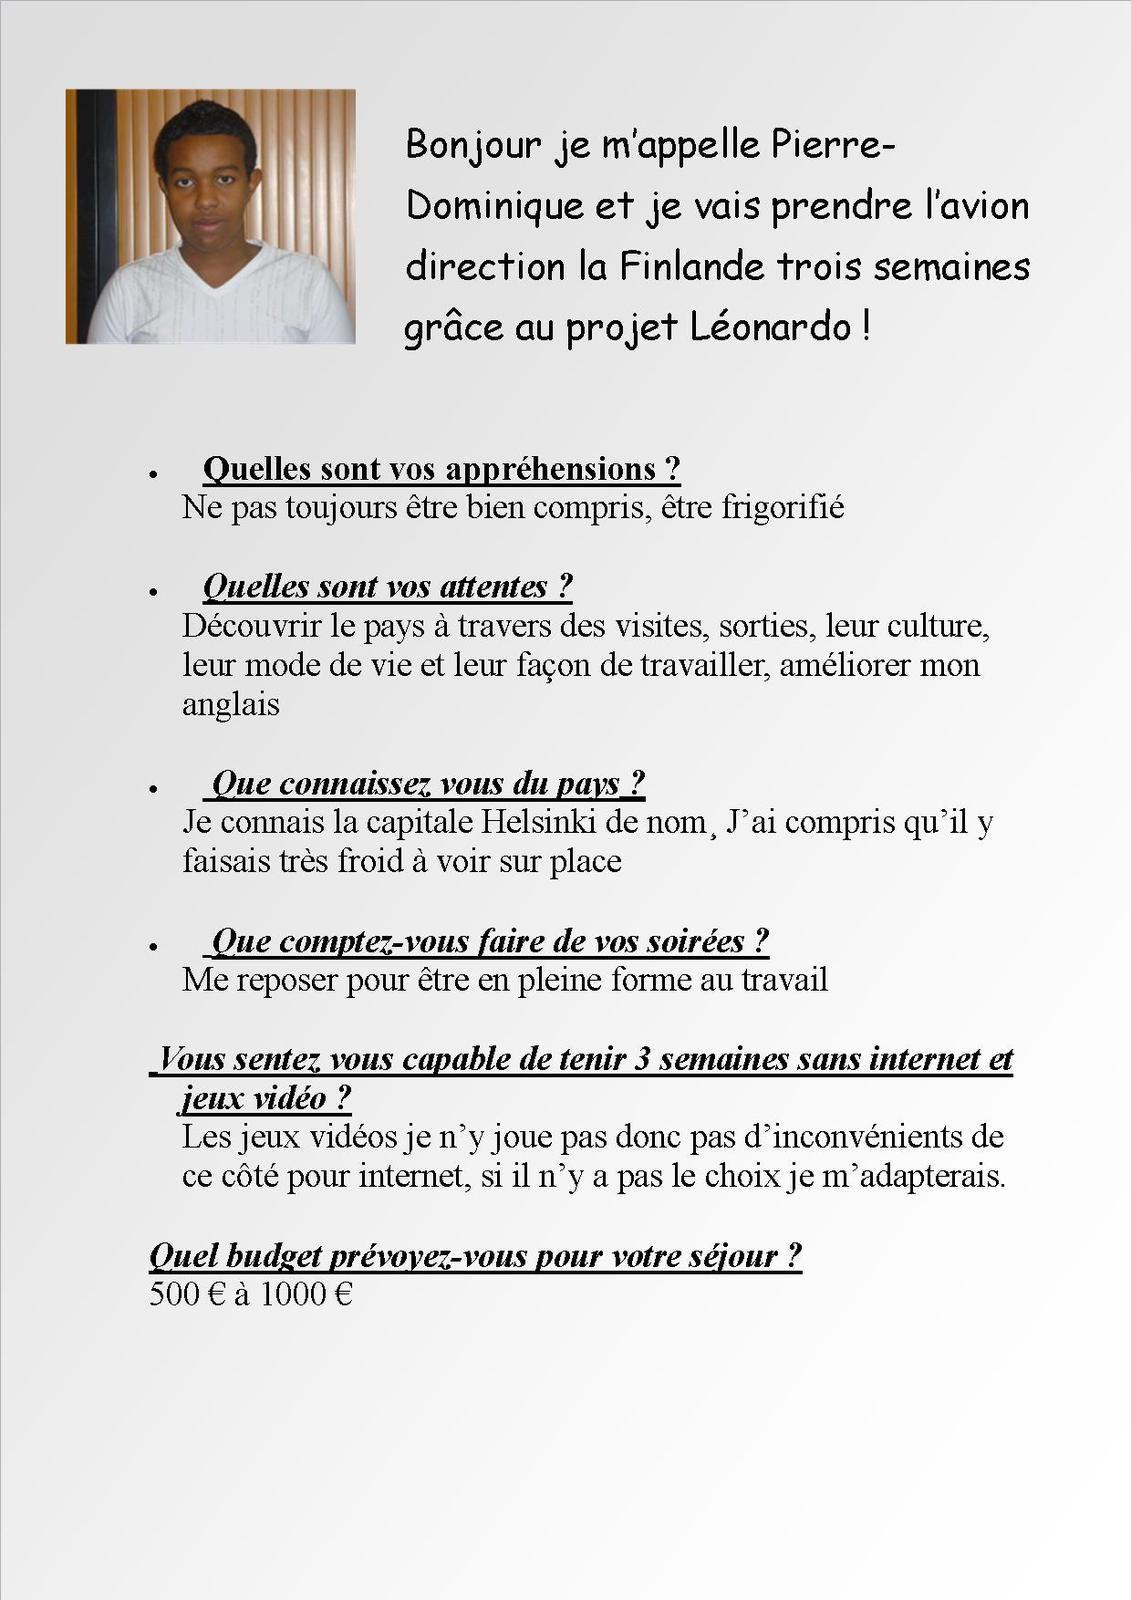 Interview Pierre - Dominique